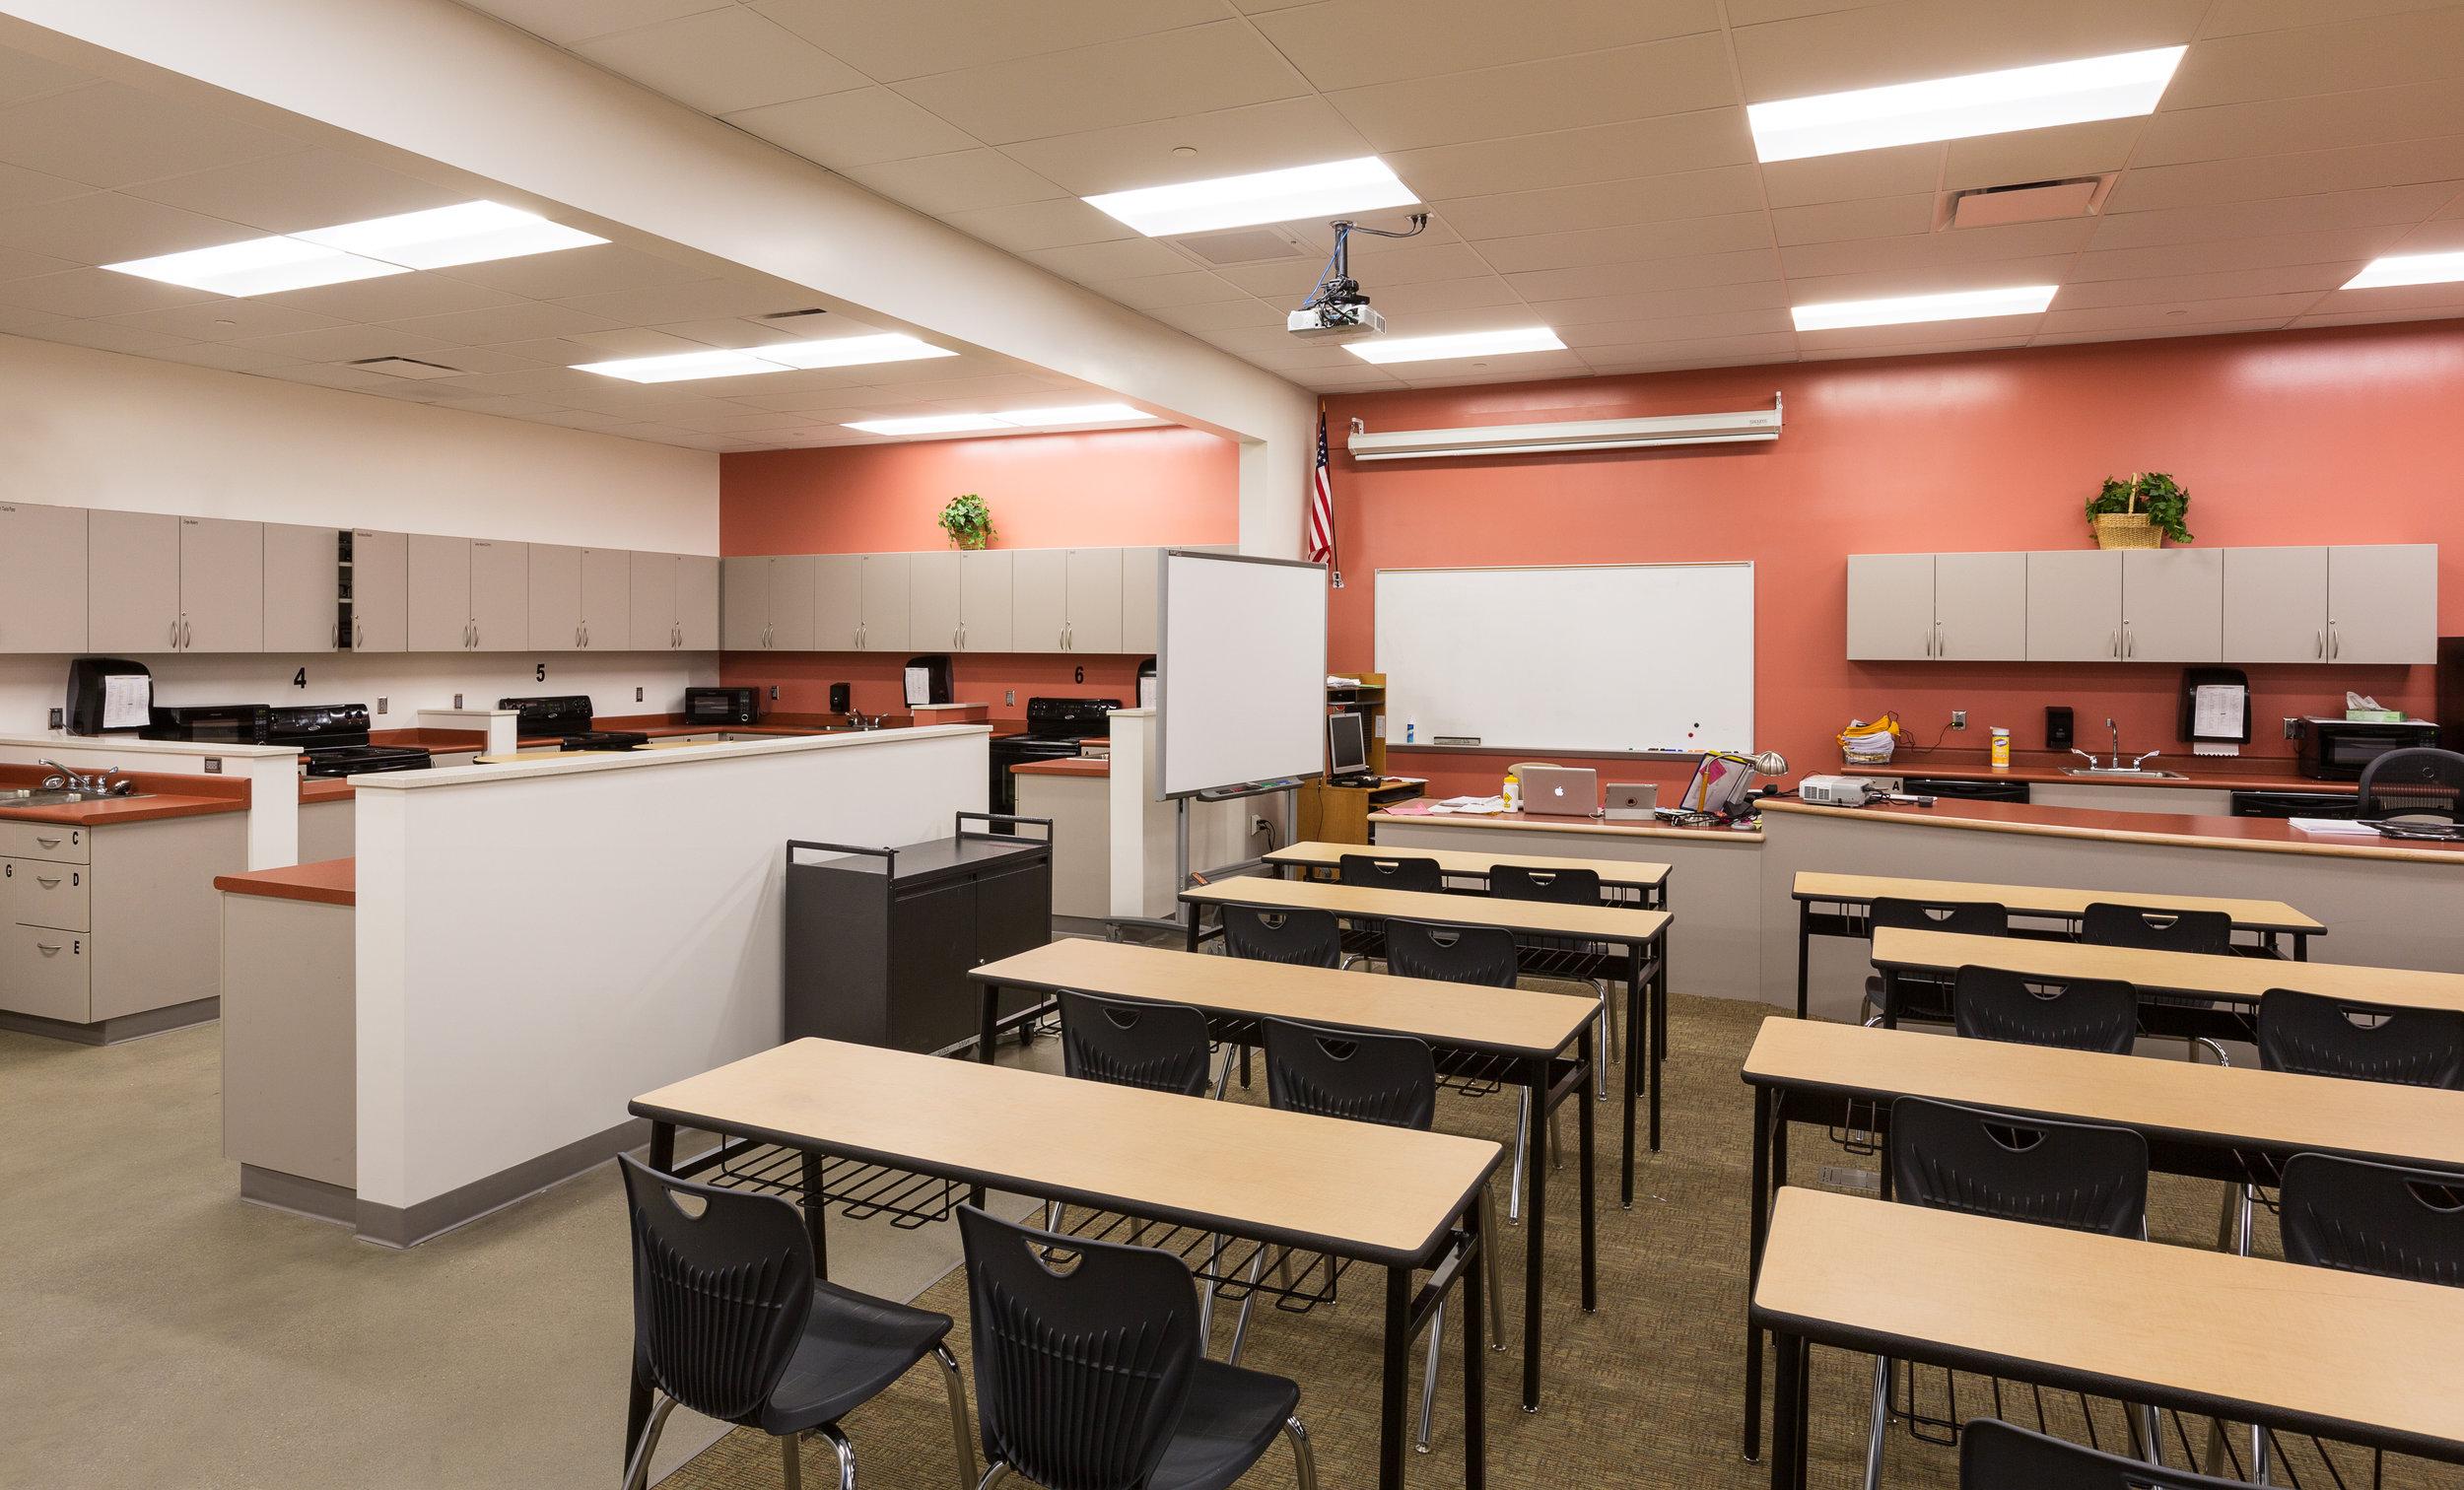 Sohm-1402-1400 v4 Butler Middle School.jpg